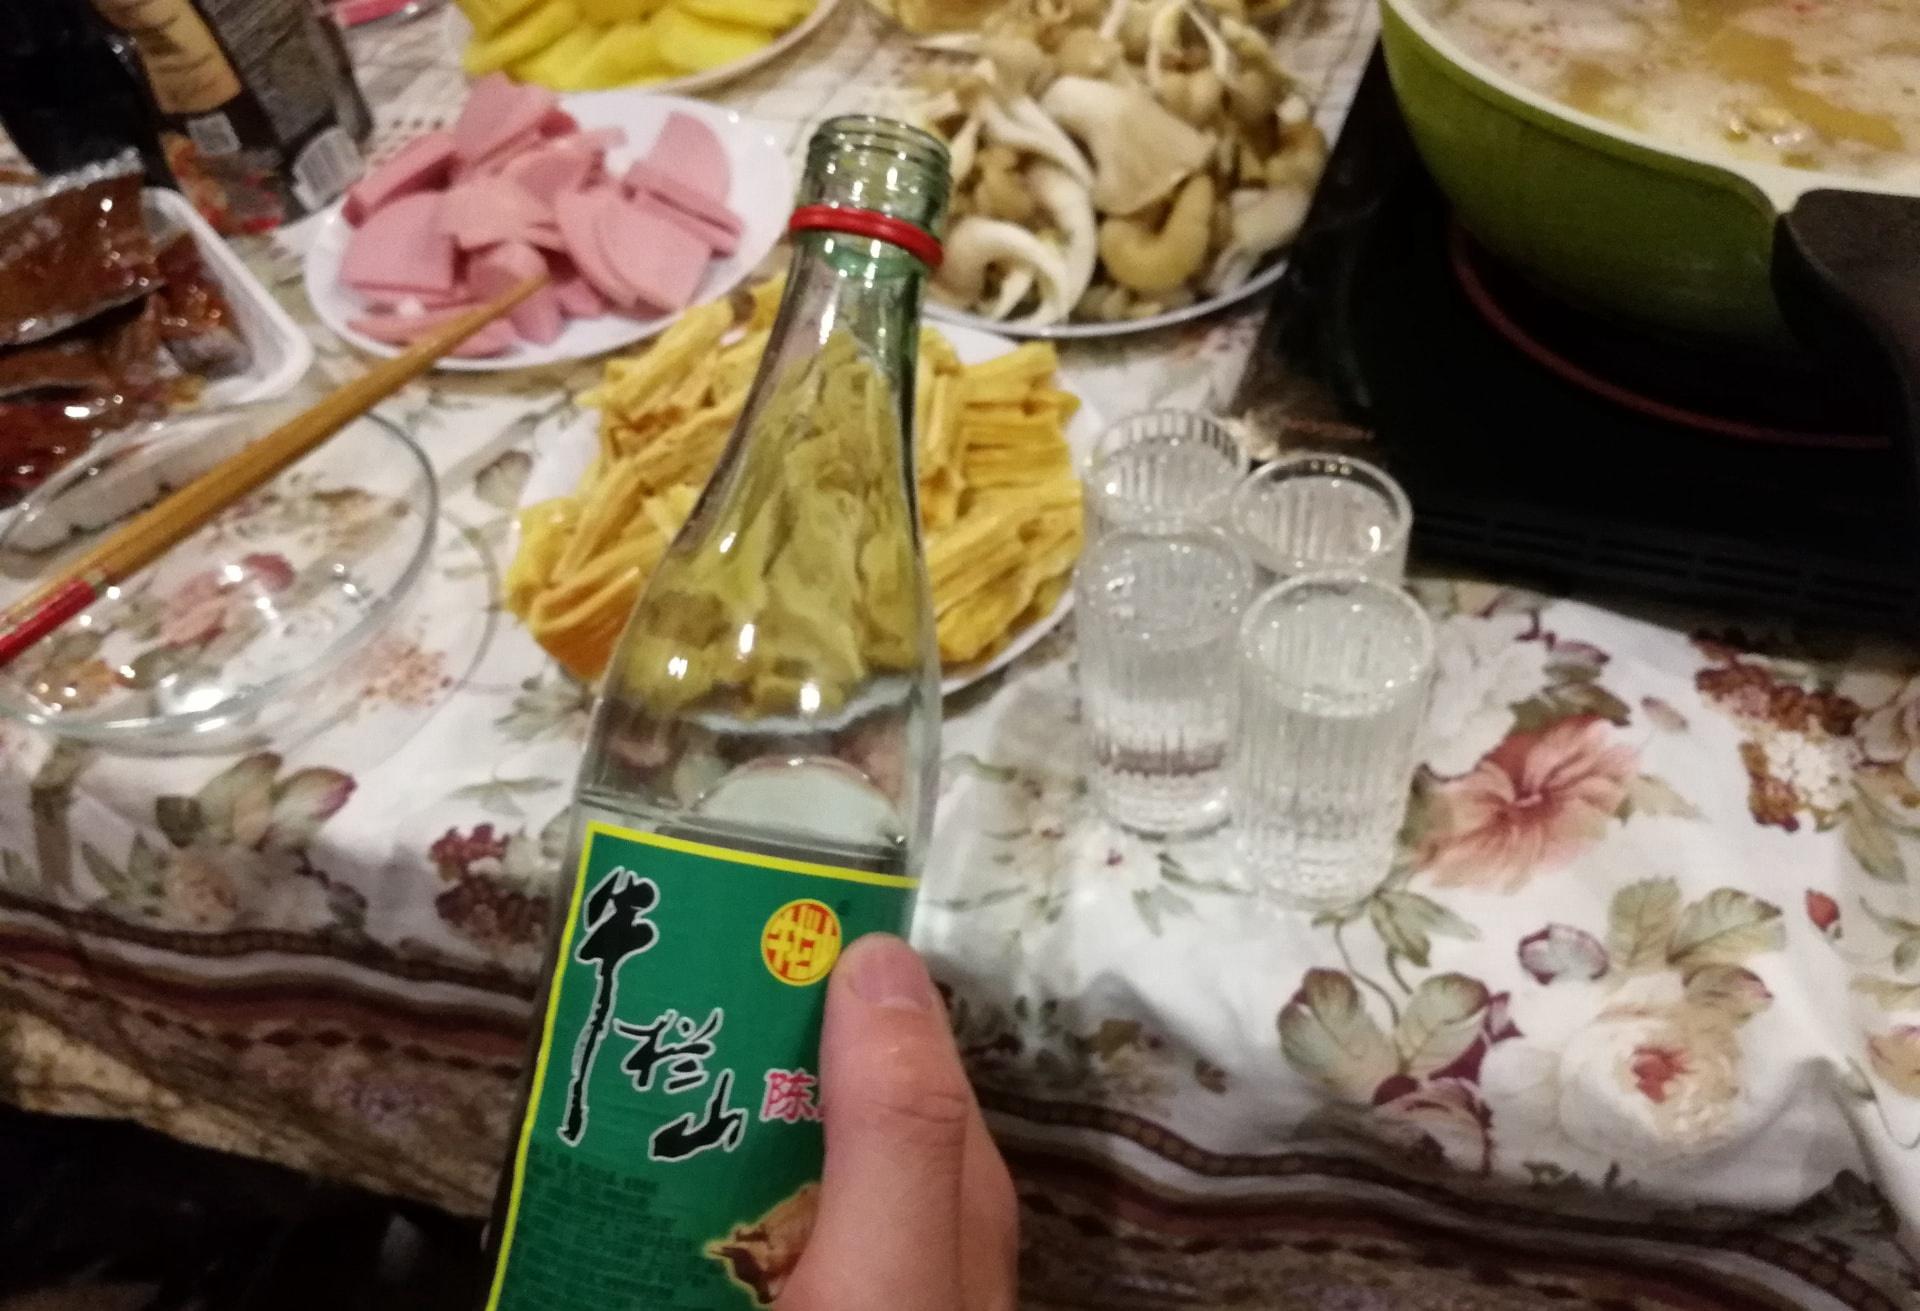 在乌拉尔联邦大学宿舍自己做饭,没事和哥们喝喝酒,牛栏山在叶卡不好买